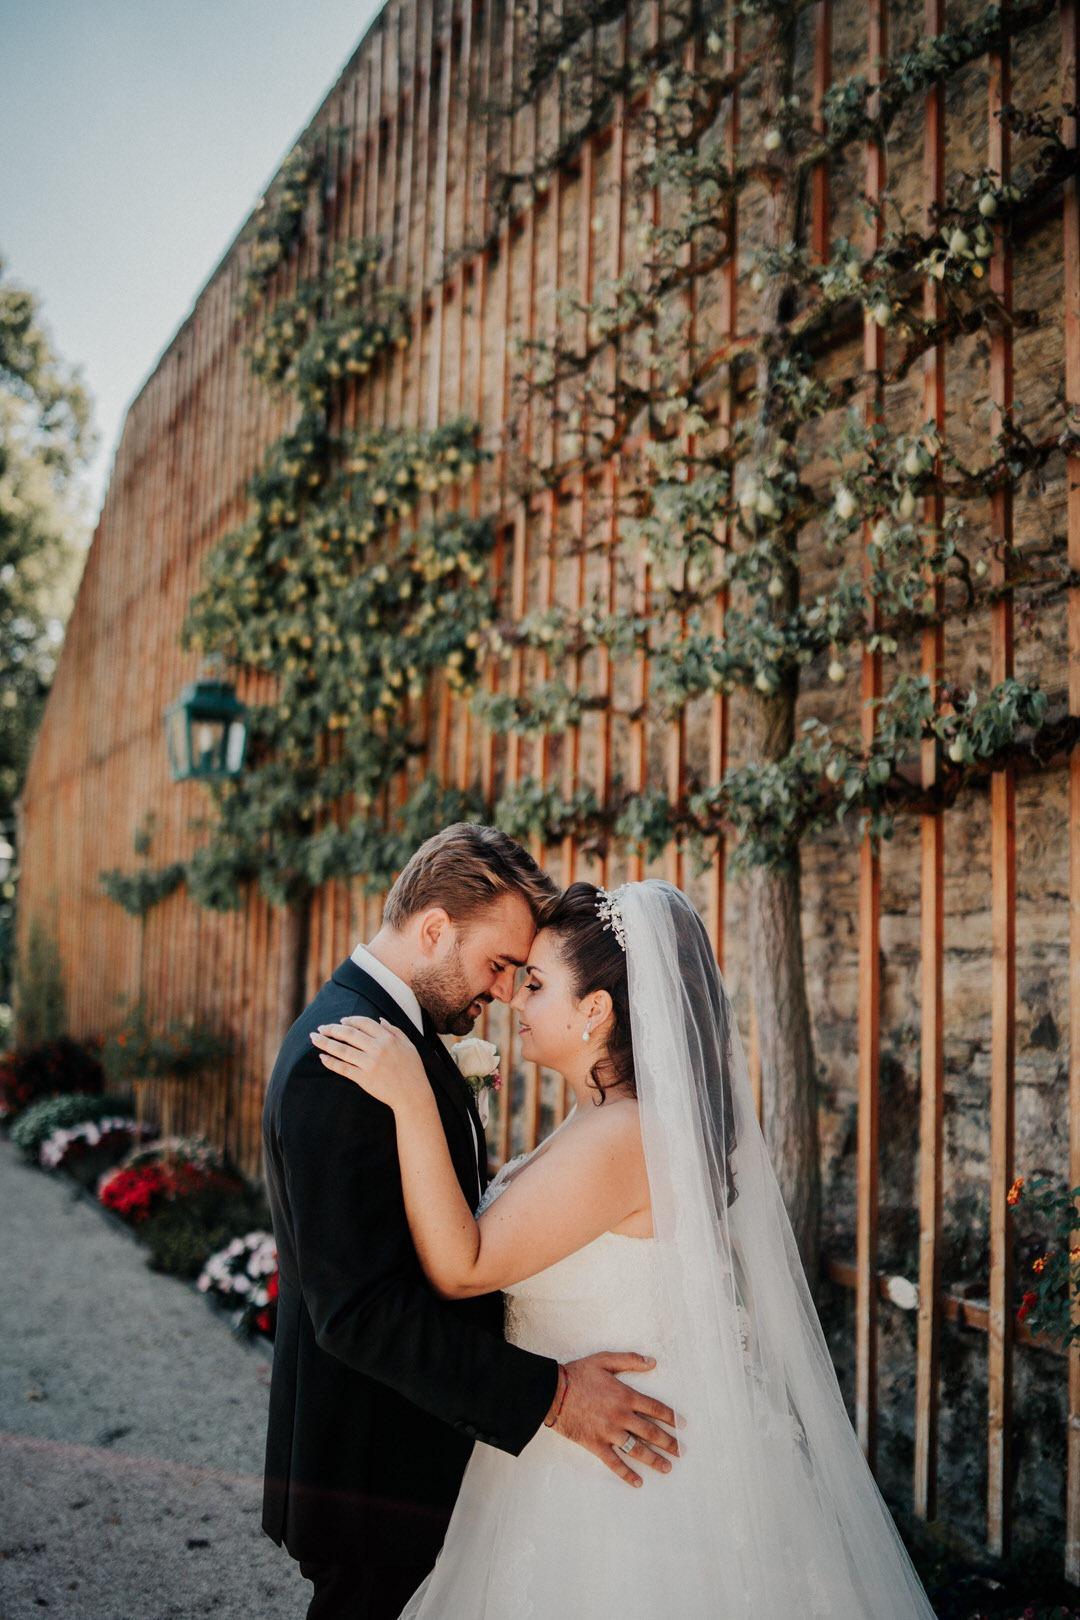 Wunderschönes italienisch-deutsches Brautpaar bei ihrem Hochzeitsshooting im Schlossgarten